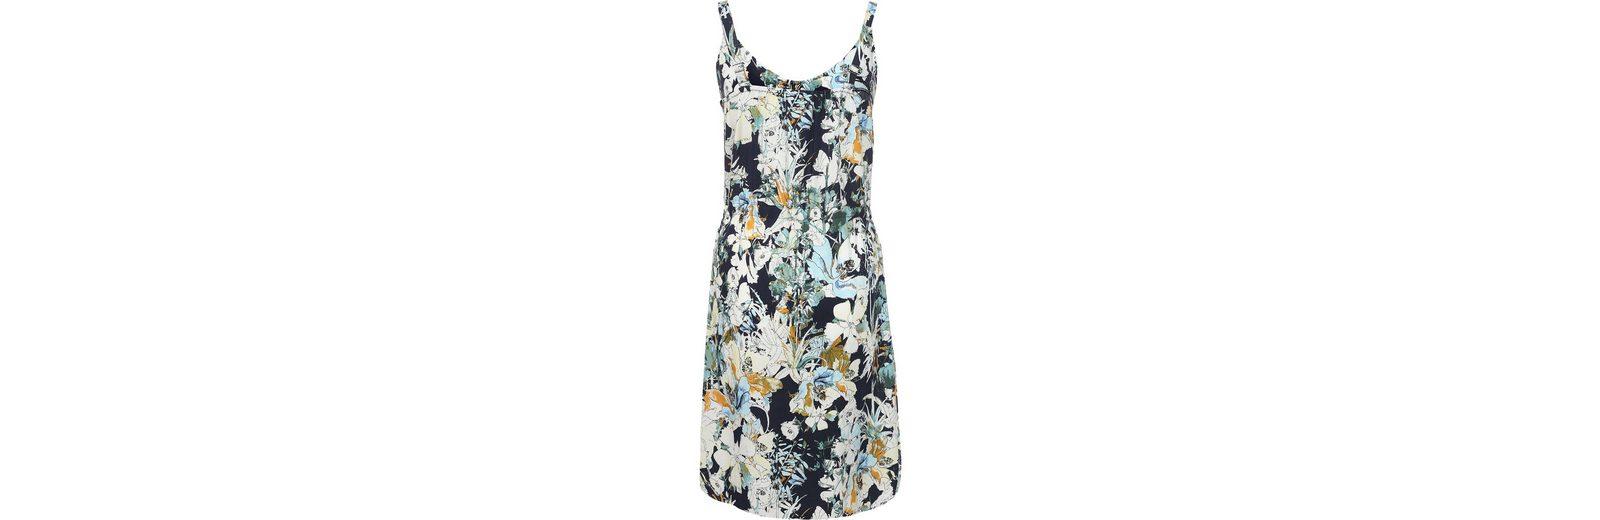 Outlet Shop Angebot Finn Flare Kleid mit Rüschenausschnitt Freies Verschiffen Outlet-Store Spielraum Viele Arten Von Freies Verschiffen Erstaunlicher Preis Verkaufskosten WLBQO